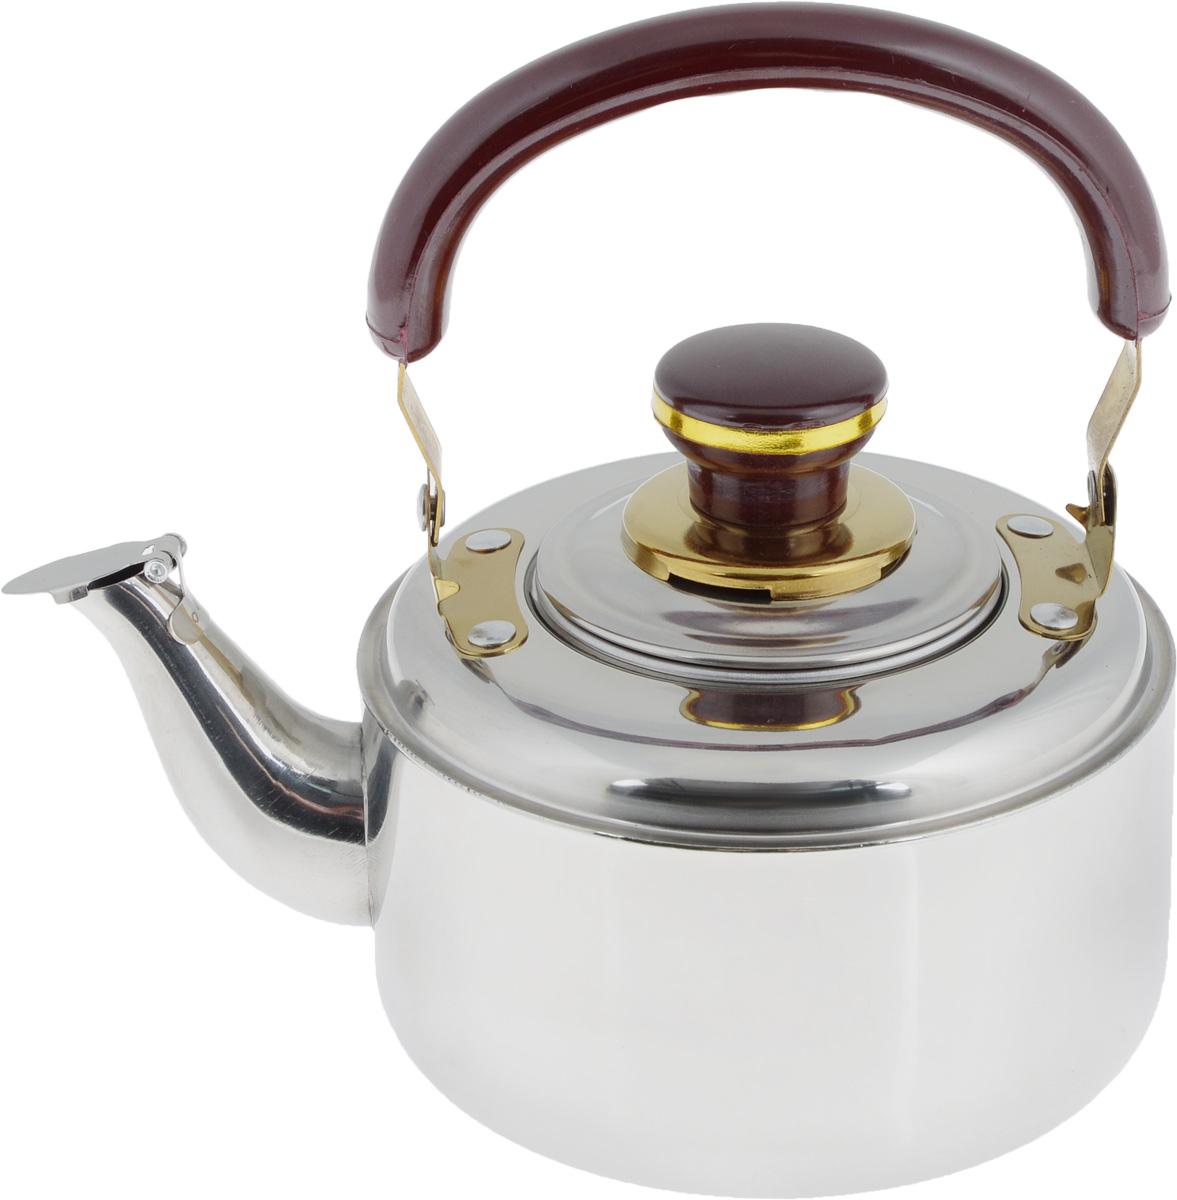 Чайник заварочный Mayer & Boch, со свистком, с фильтром, 1 л. 40024870Заварочный чайник Mayer & Boch выполнен извысококачественнойнержавеющей стали, что обеспечивает долговечностьиспользования. Внешнее зеркальное покрытие придаетприятный внешний вид. Бакелитовая ручка делаетиспользование чайника очень удобным и безопасным. Крышкаоснащена свистком, что позволит вам контролировать процесс подогрева или кипячения воды. Чайник оснащен фильтром, с помощьюкоторого можно заваривать ваш любимый чай. Можно мыть в посудомоечной машине. Пригоден для газовых,электрических и стеклокерамических плит, кромеиндукционных.Диаметр чайника по верхнему краю: 7 см.Высота чайника (без учета крышки и ручки): 8,5 см.Высота чайника (с учетом крышки и ручки): 18 см.Размер фильтра: 7,5 х 7,5 х 5,5 см.